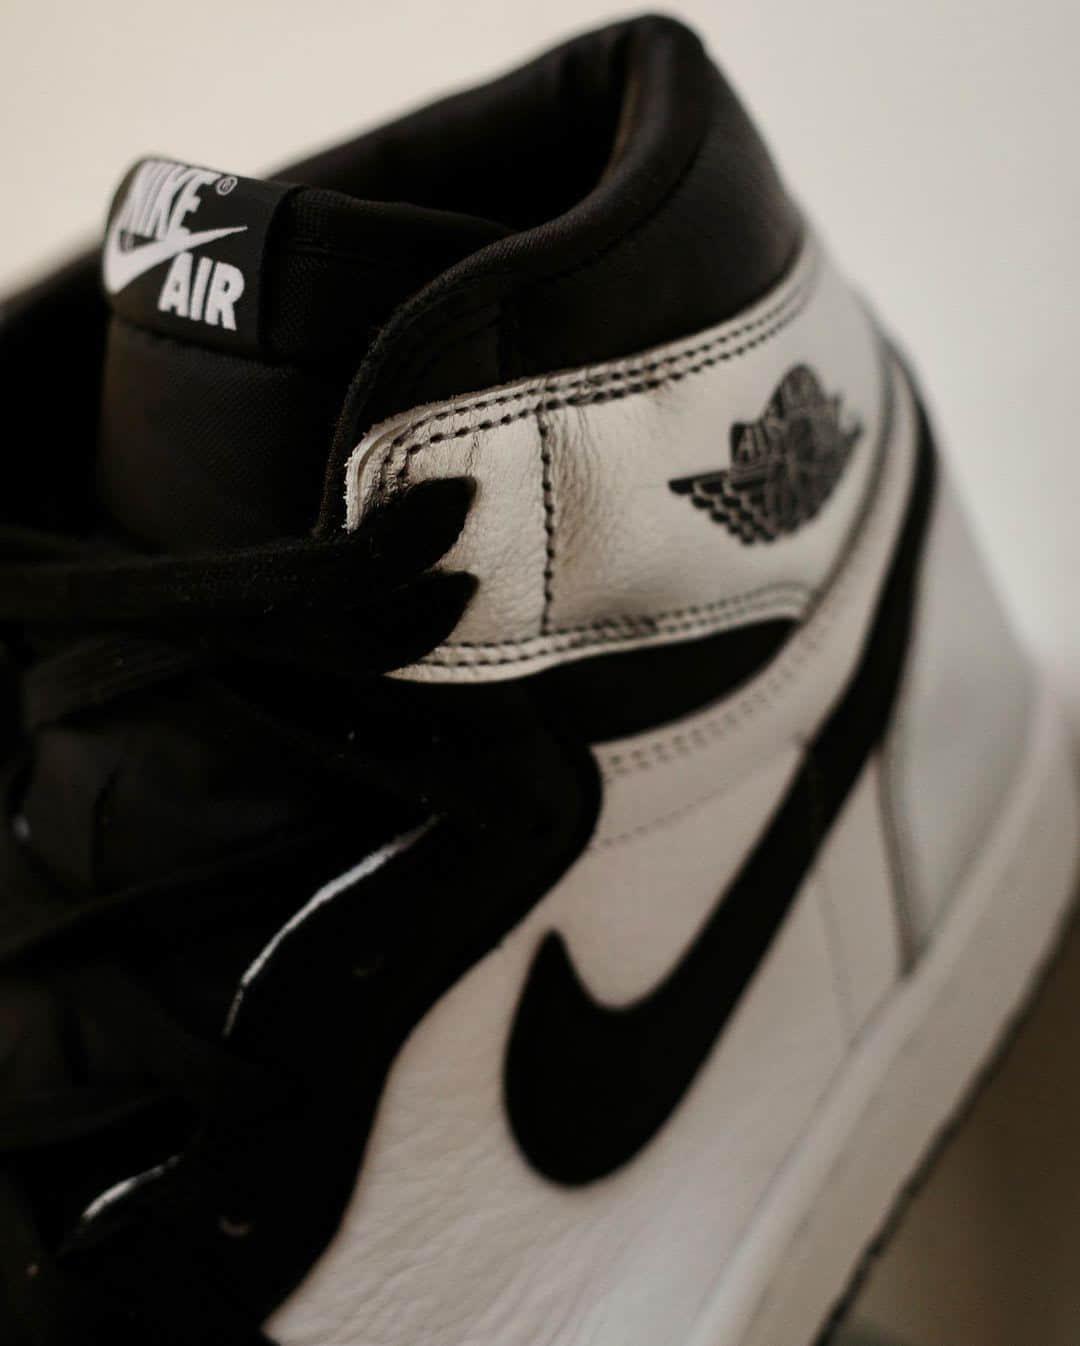 AJ1黑银脚趾最新实物图释出!明年正月初一发售! 货号:CD0461-001